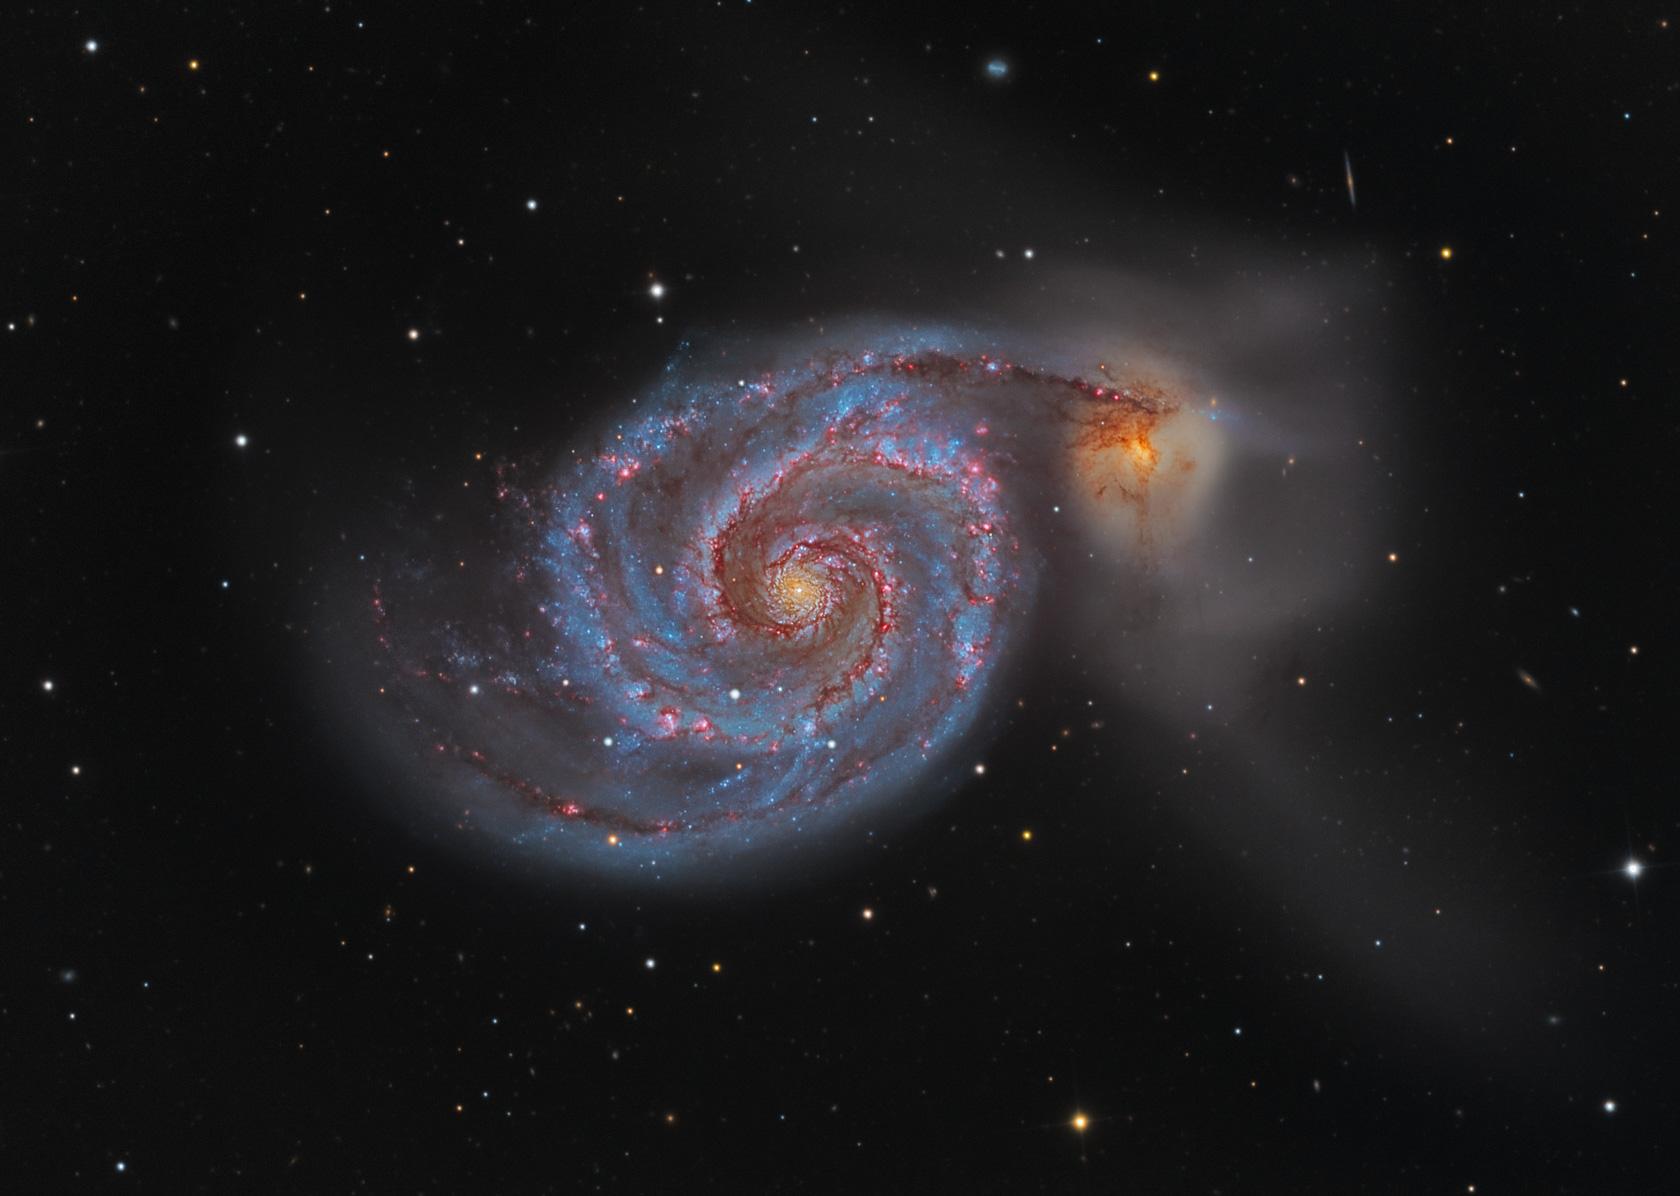 """La galassia vortice M51 non è molto lontana da un'altra più piccola, chiamata NGC 5195. La forma a spirale suggerisce l'ipotesi che la galassia principale abbia """"attratto"""" tutta la materia verso di lei, formando un immenso vortice"""